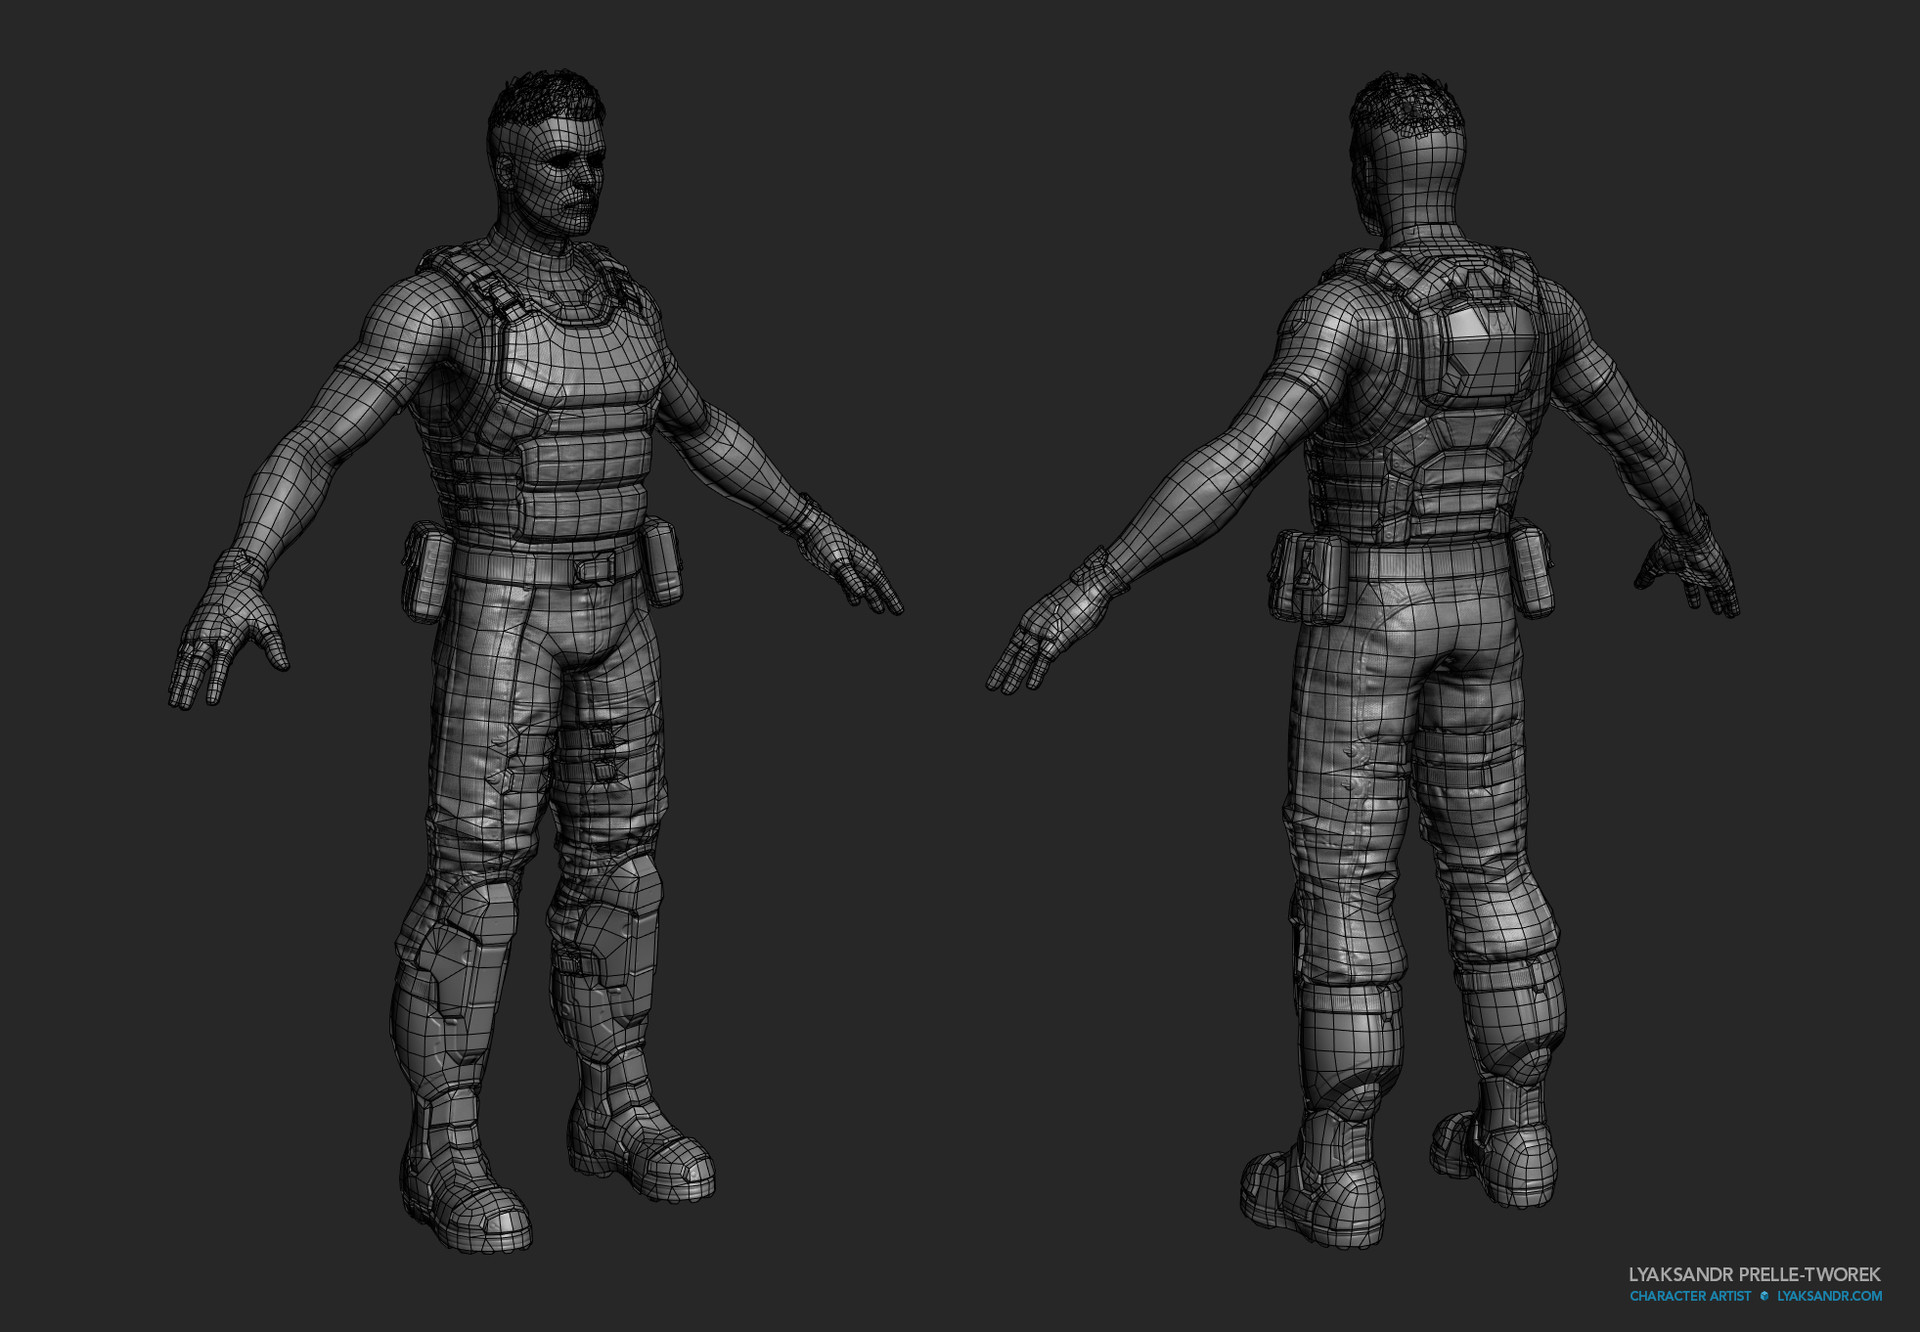 Lyaksandr prelle tworek aom starting armor wireframe